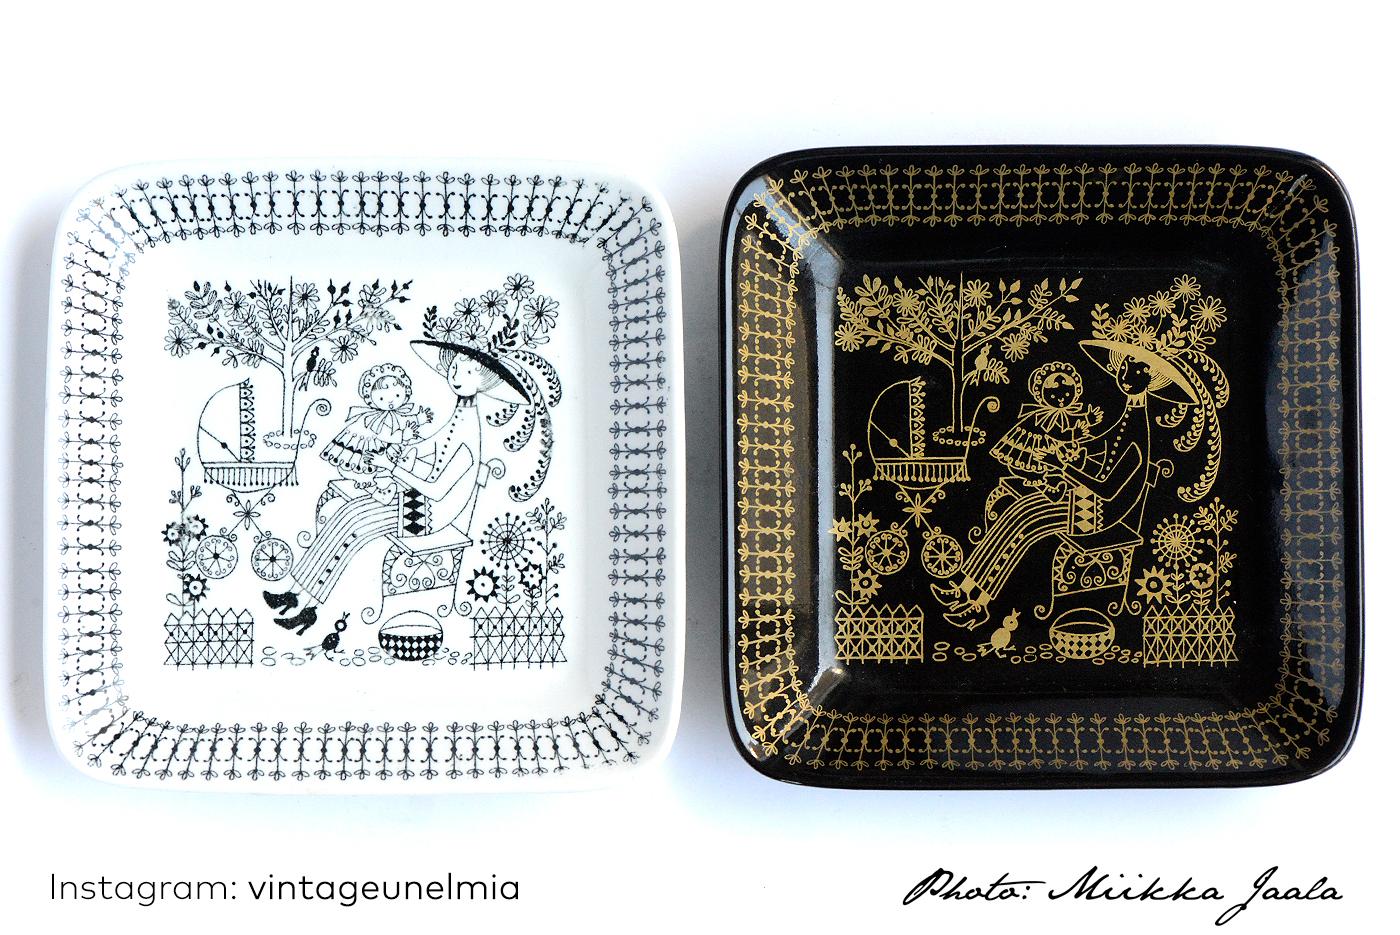 Arabia Emilia, malli G, 13,5 cm lautanen kahdessa eri värissä.